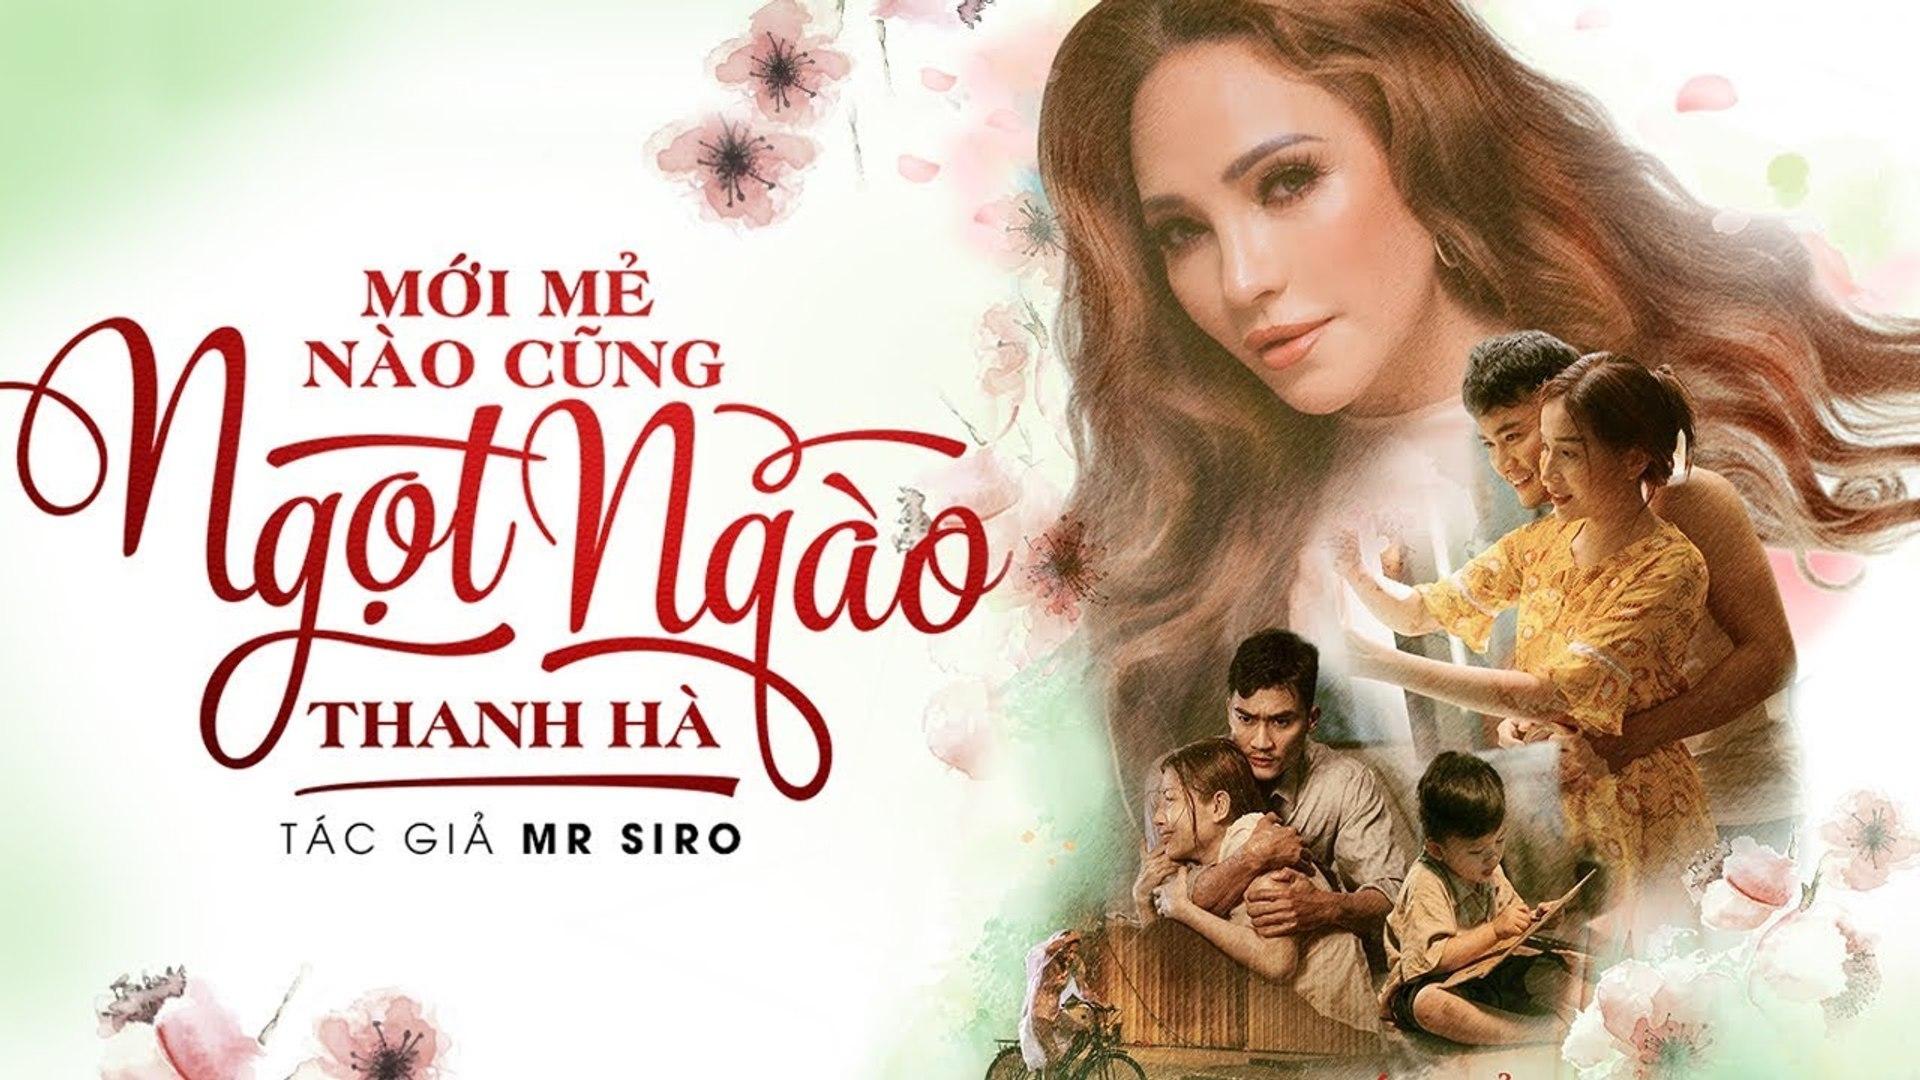 MỚI MẺ NÀO CŨNG NGỌT NGÀO (MMNCNN) - THANH HÀ - ST- MR.SIRO - OFFICIAL MUSIC VIDEO